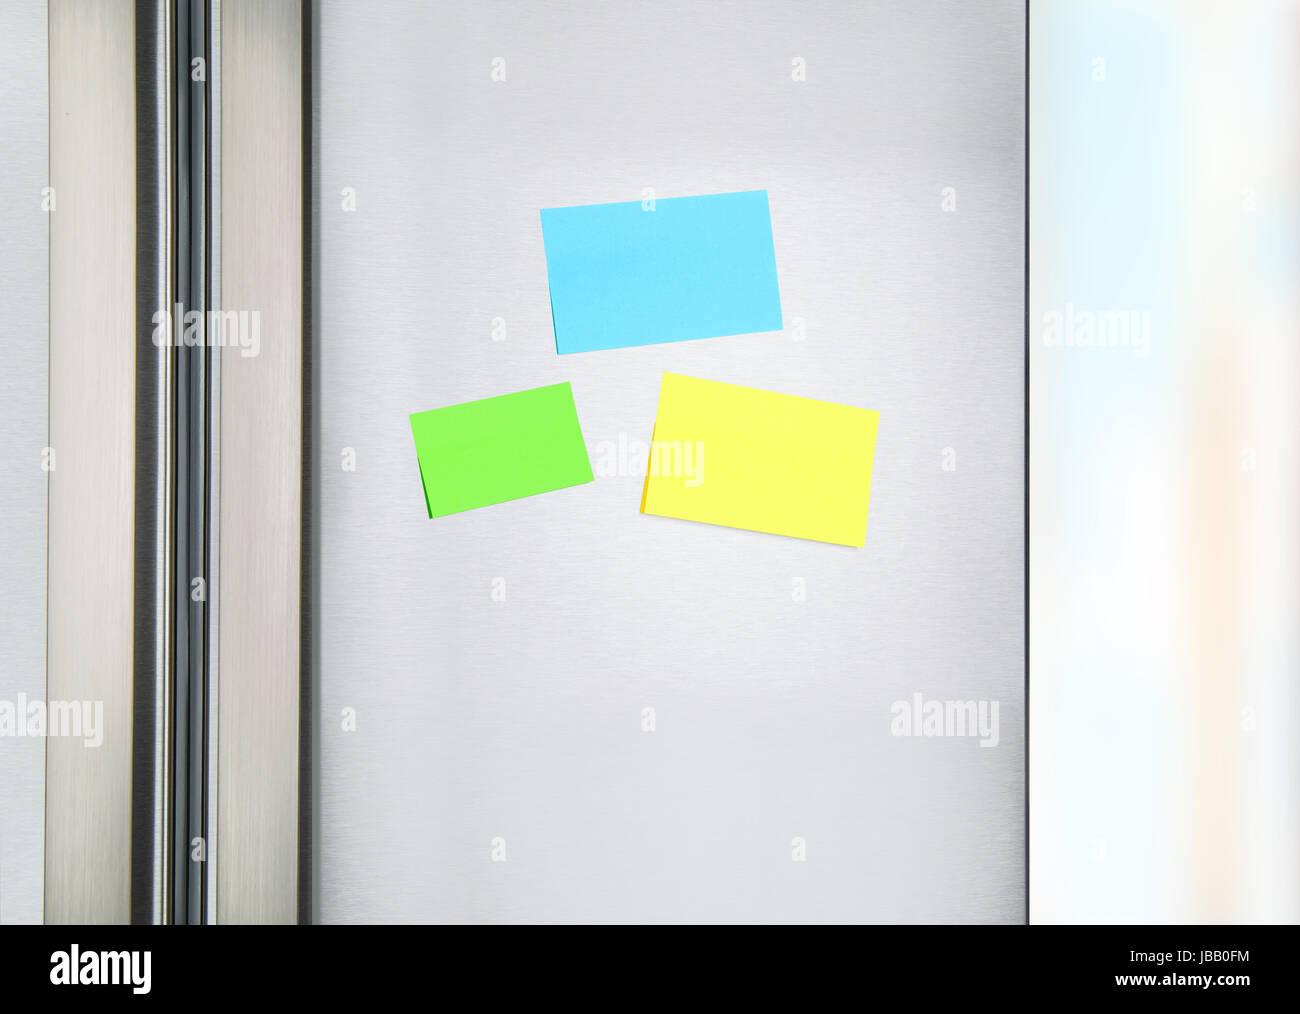 Haftnotizen auf den Kühlschrank, drei bunten Papier an die Tür am ...